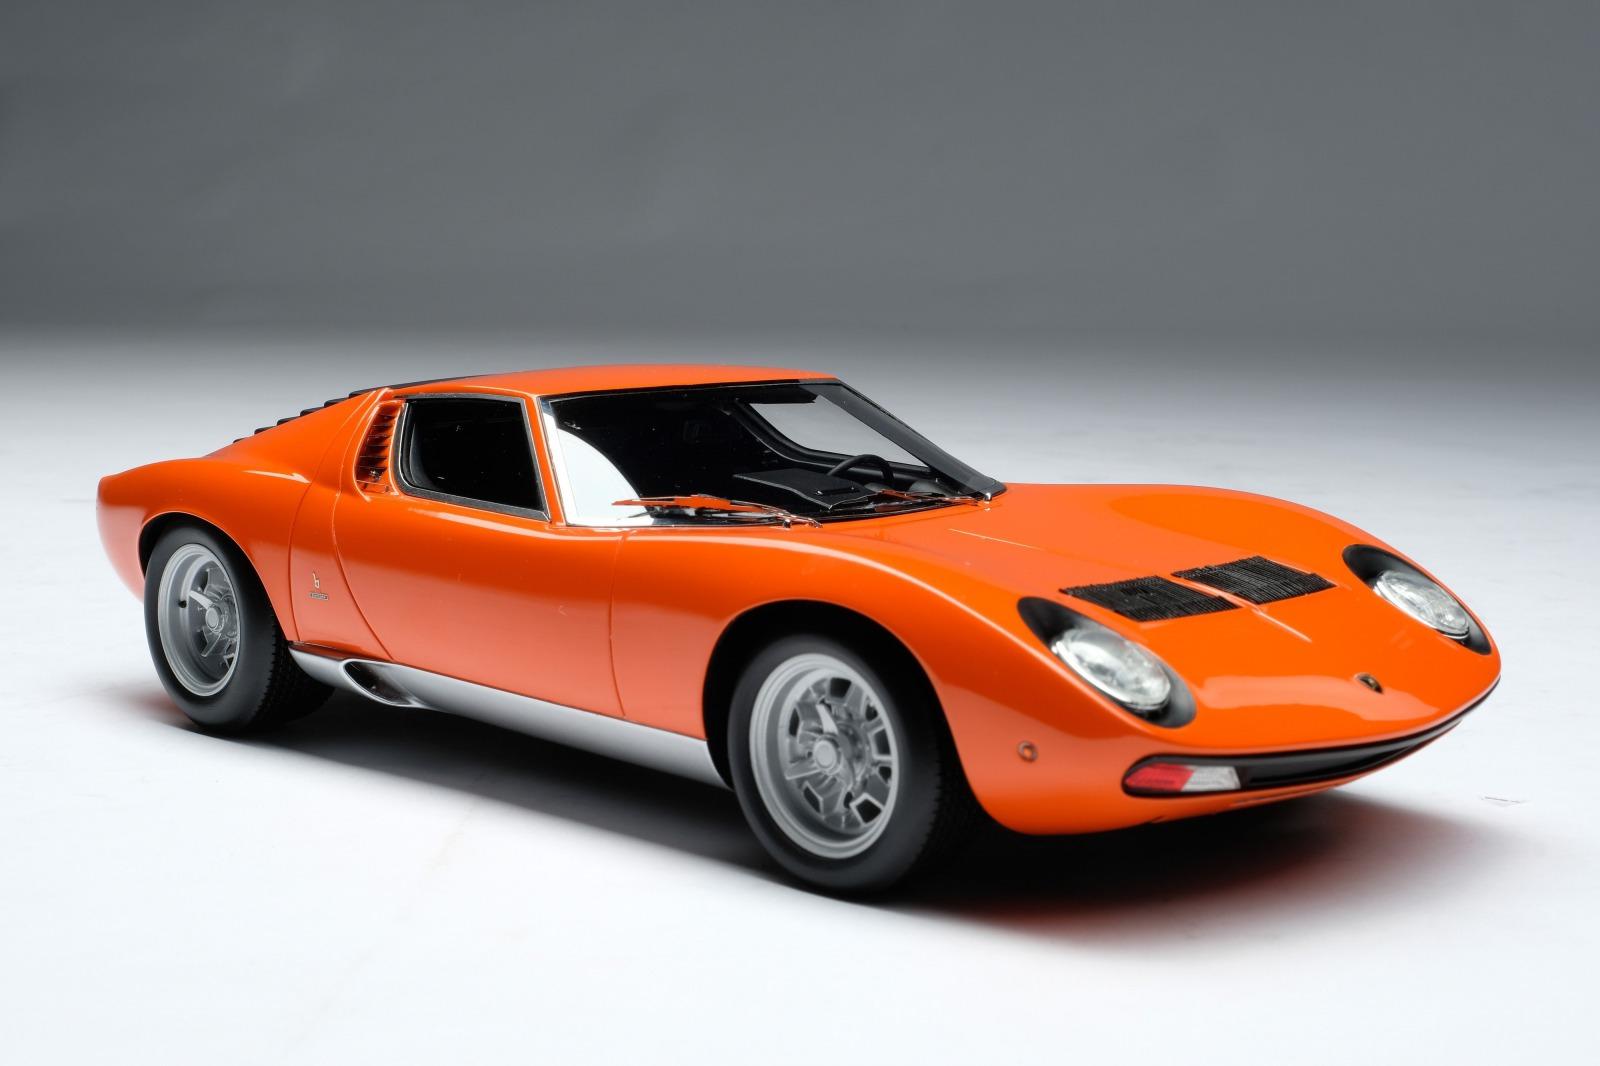 Amalgam Collection アマルガムコレクション 1/18 ミニカー レジン プロポーションモデル 1971年モデル ランボルギーニ ミウラ P400 SV オレンジ1971 LAMBORGHINI MIURA P400 SV 1:18 orange by Amalgam Collection